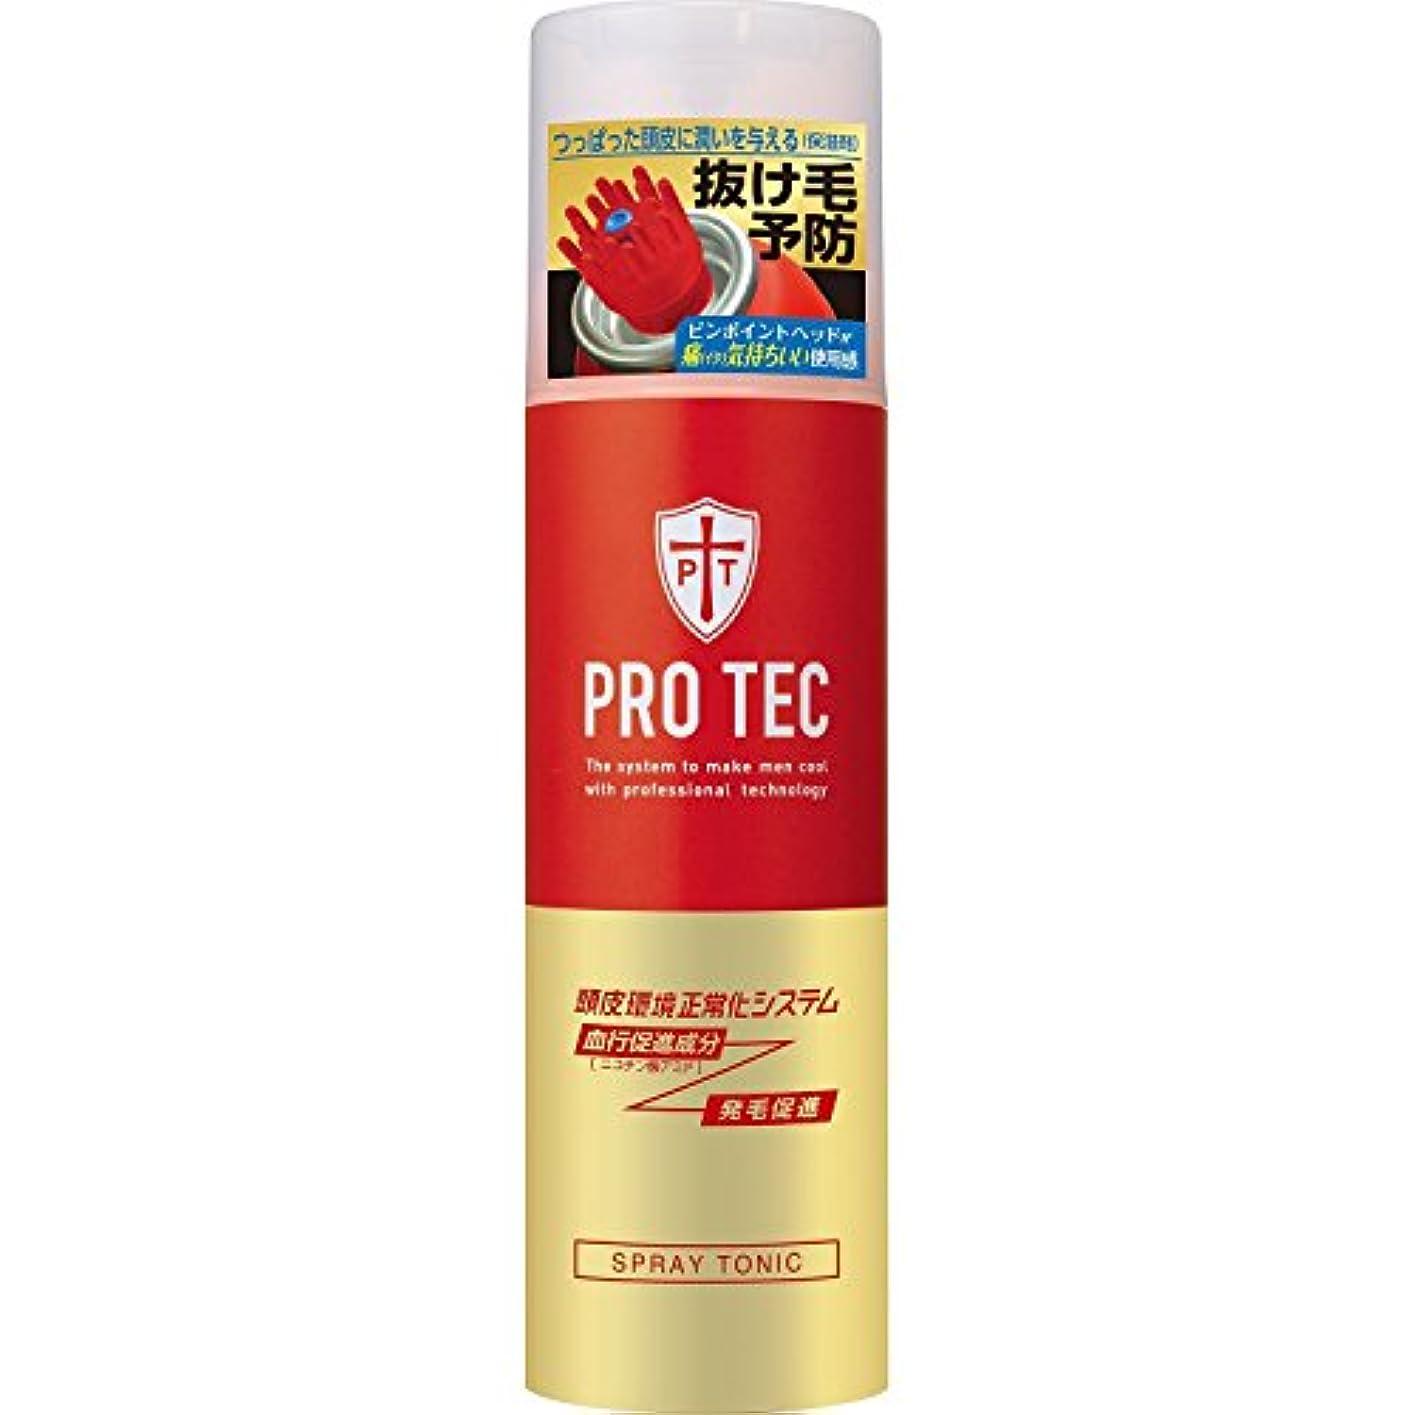 議題吸い込む限られたPRO TEC(プロテク) スプレートニック 150g (医薬部外品) ×10個セット